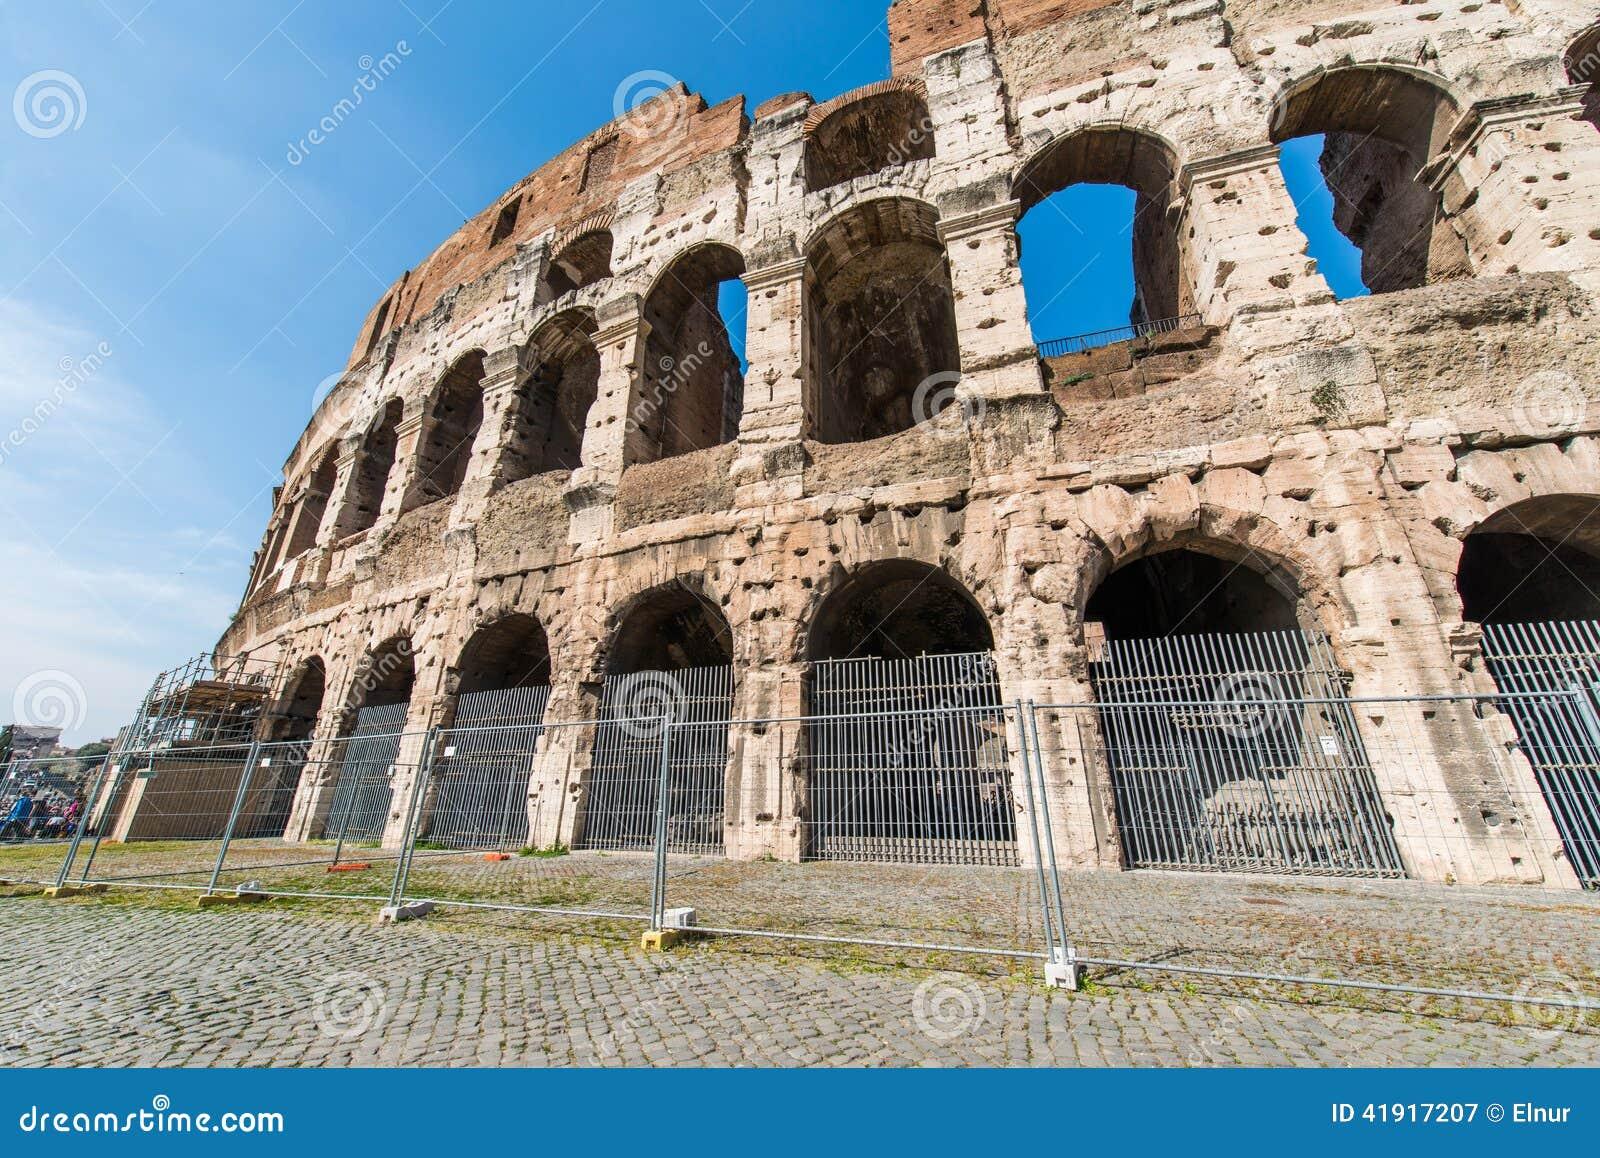 Ruines antiguos de Roma en brillante